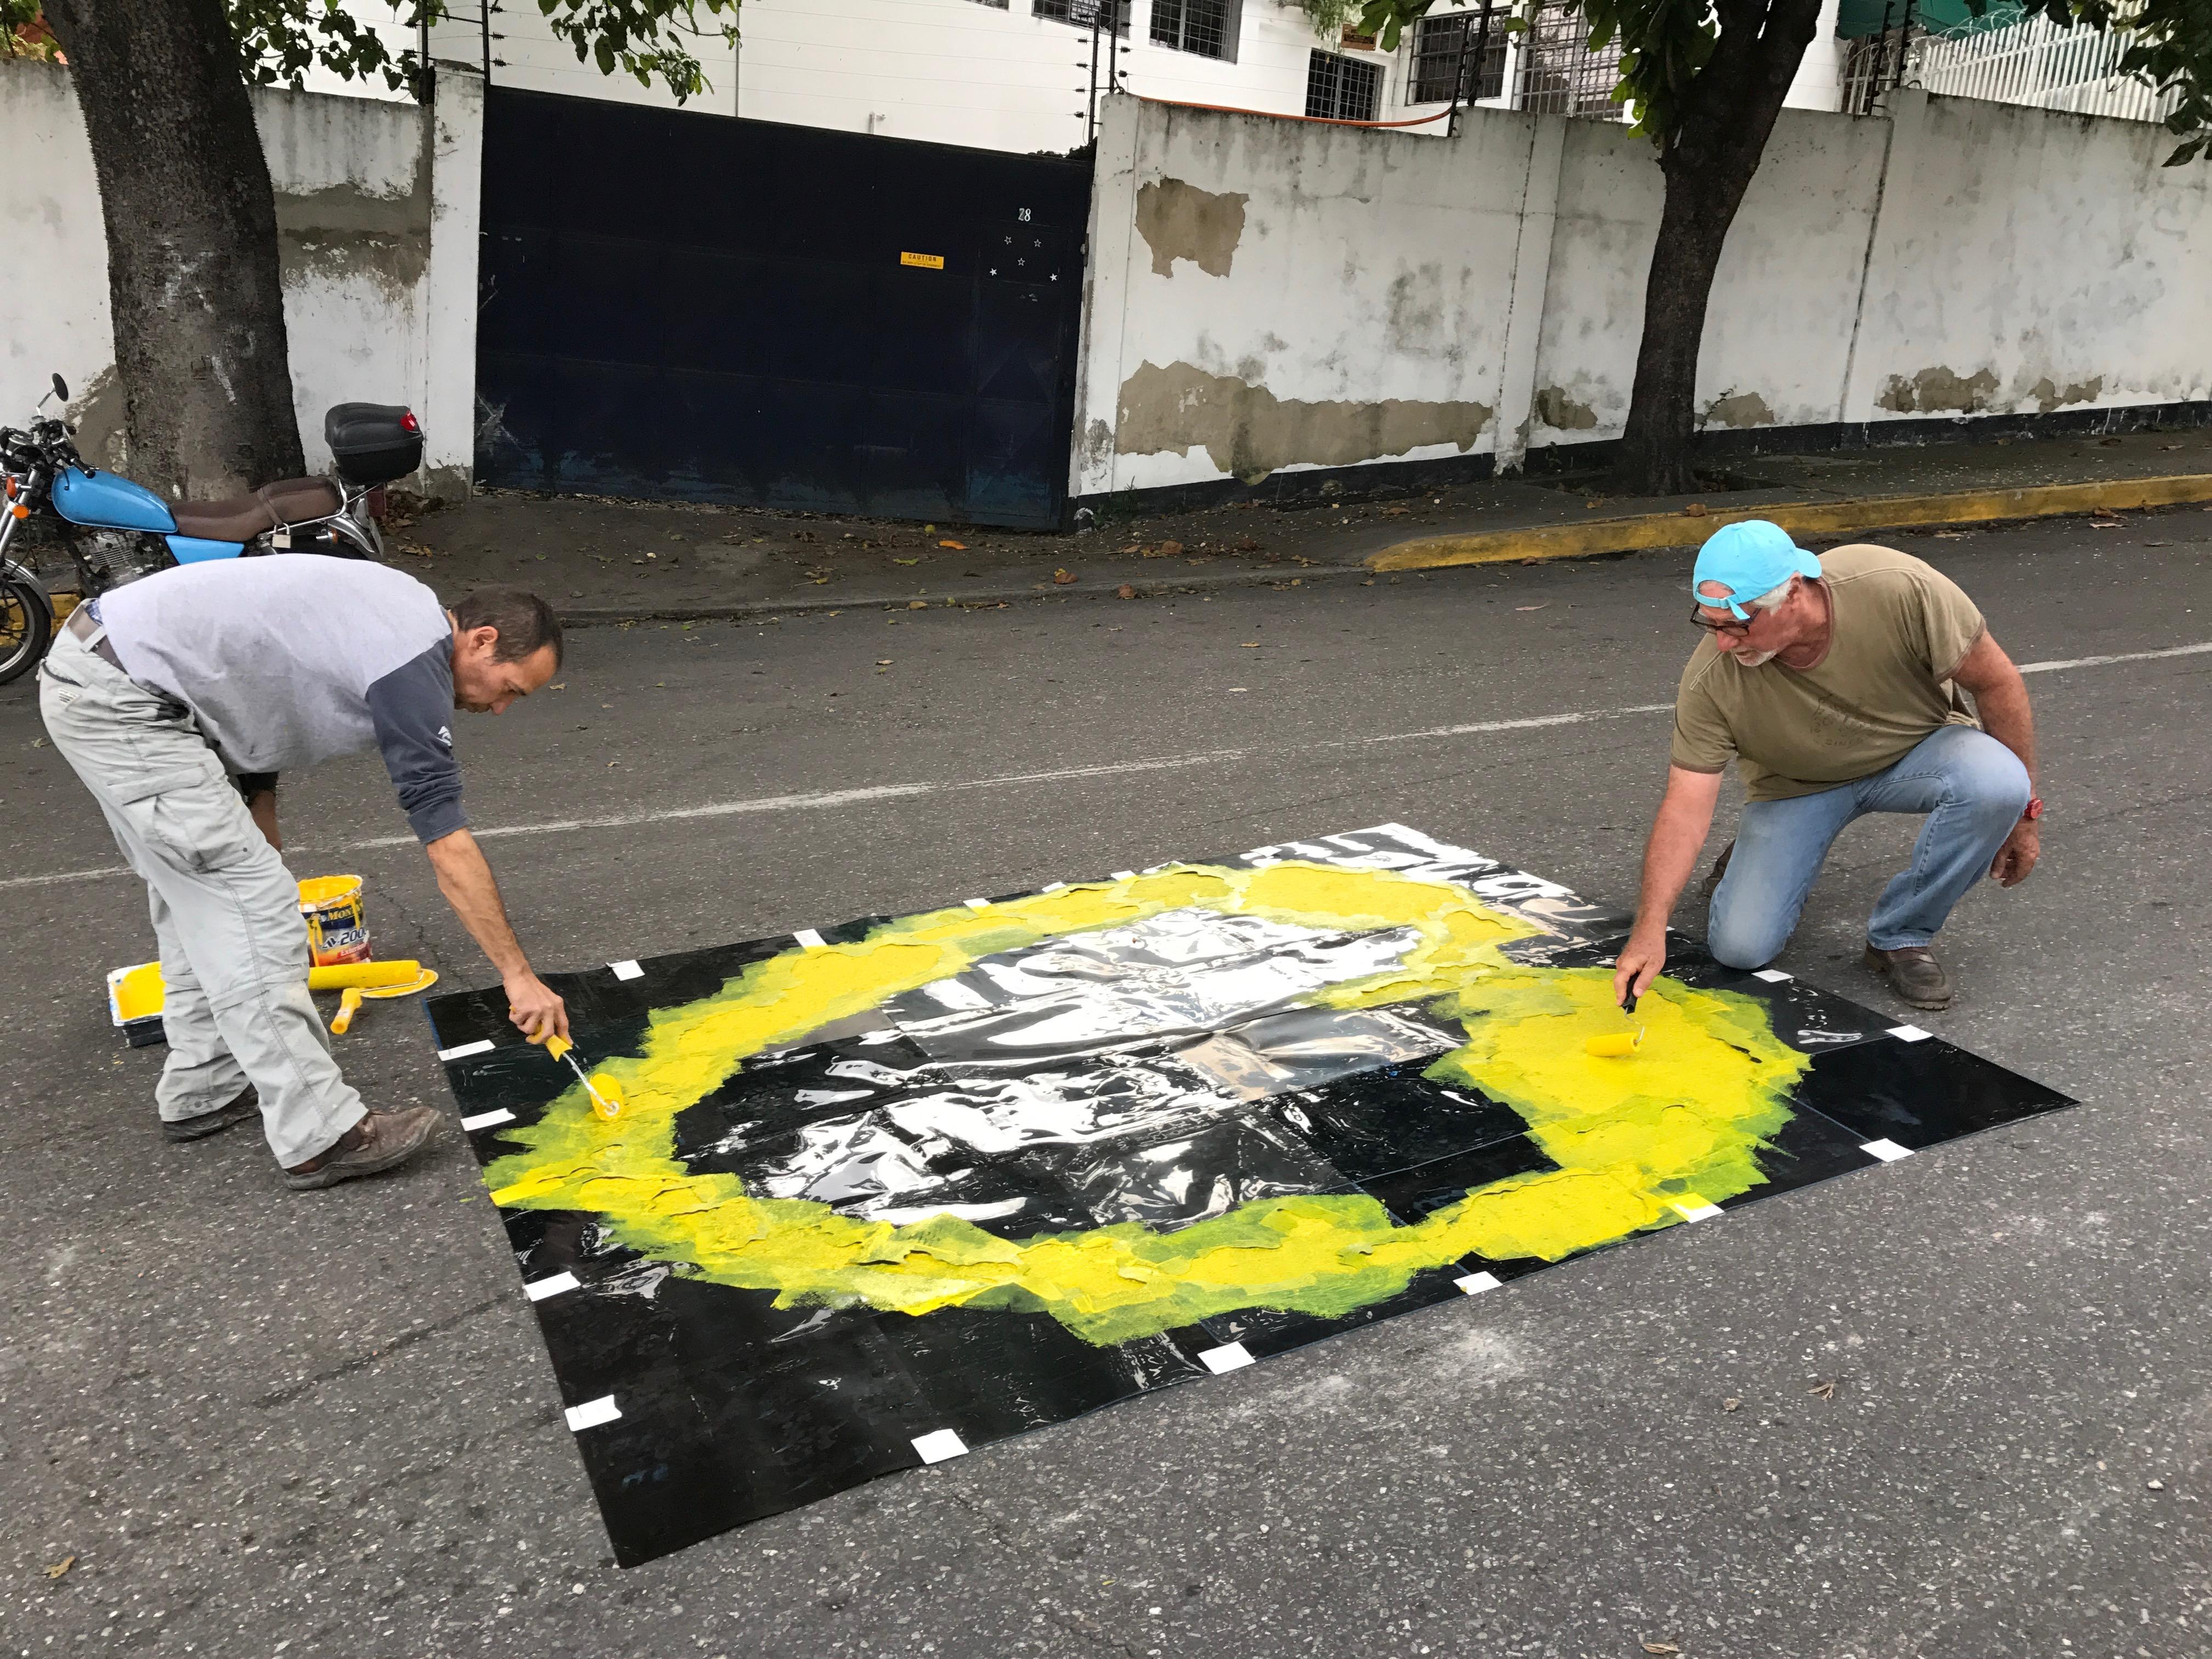 Ricardo Benaim en la calle frente a la Quinta Papeles, pintando un stencil en el asfalto